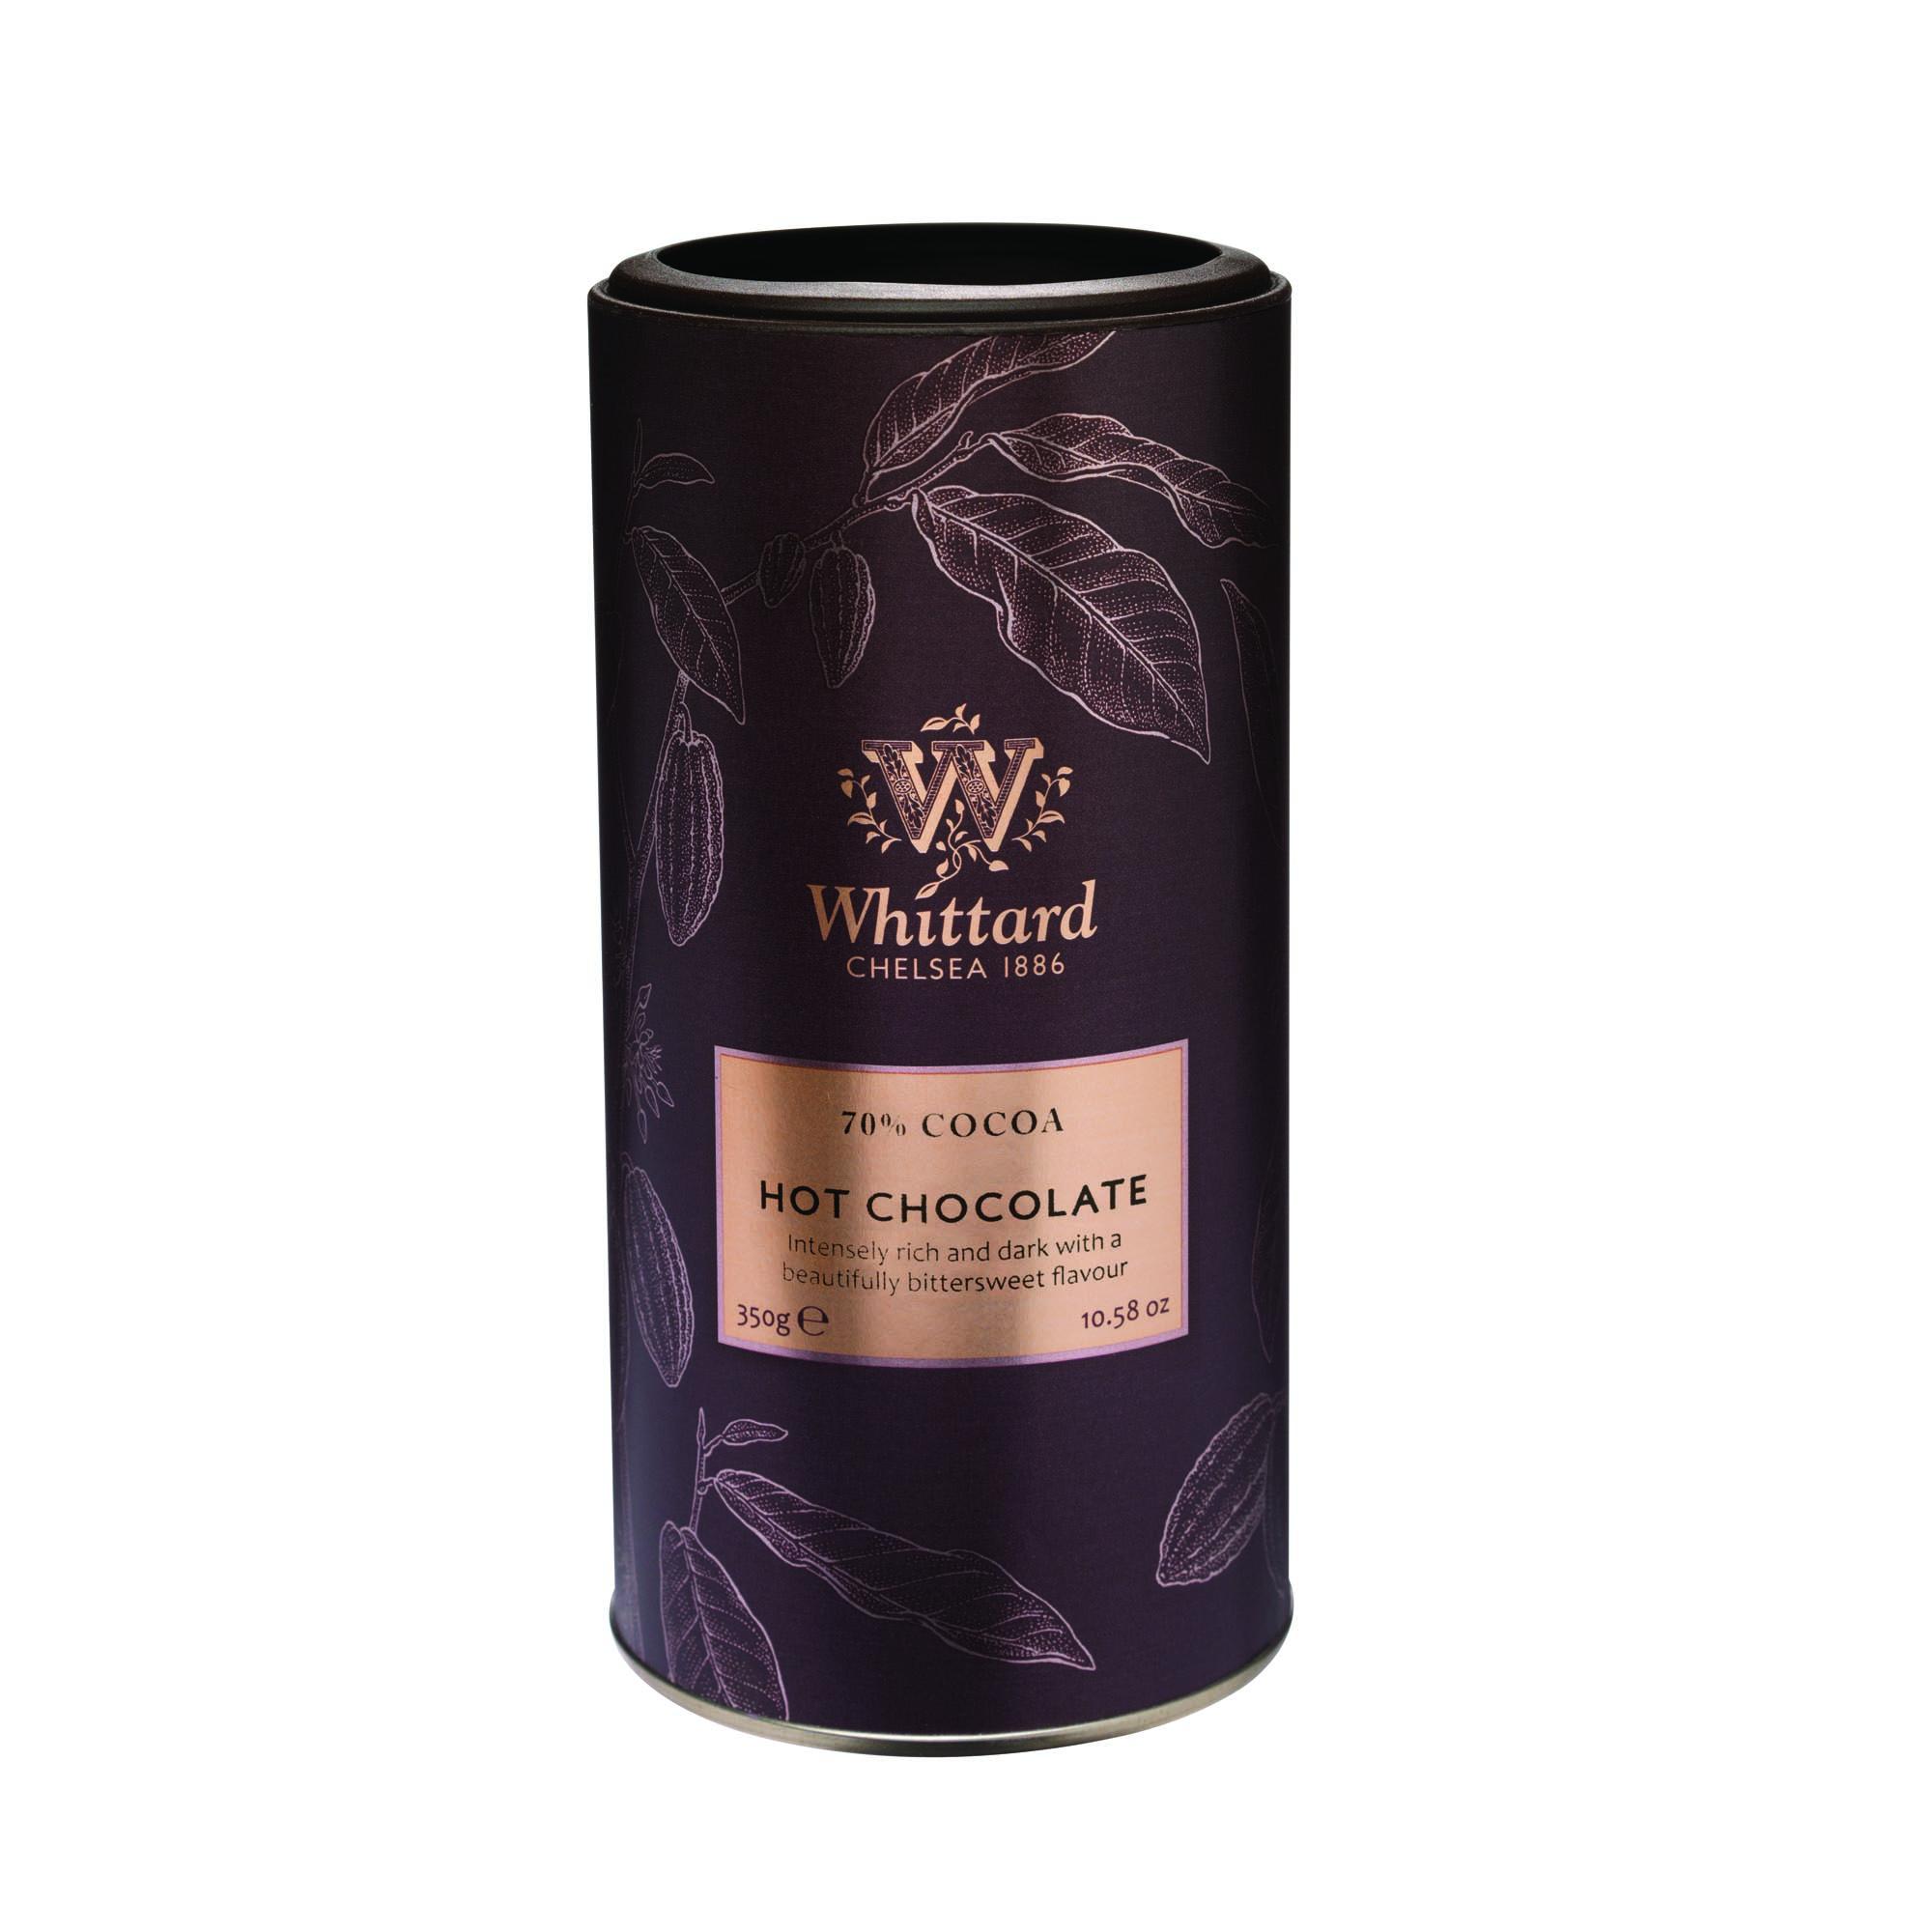 Whittard 70 % Hot Chocolate